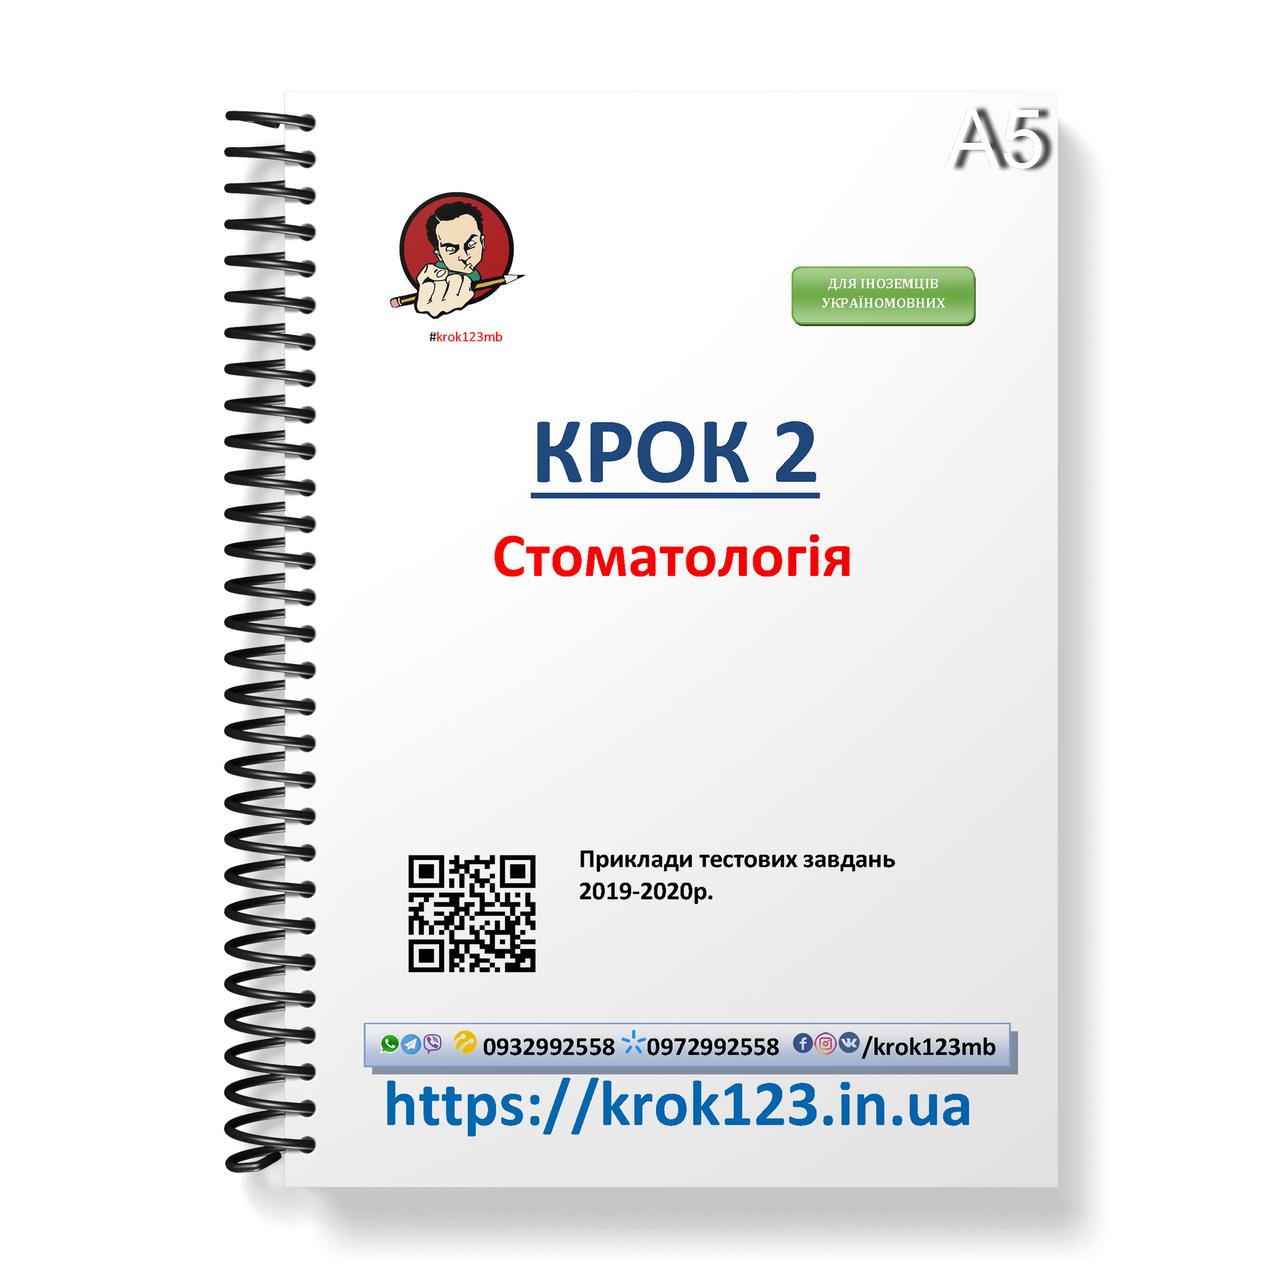 Крок 2. Стоматология. ЕГКЭ (Примеры тестовых заданий) 2019-2020. Для иностранцев украиноязычных. Формат А5